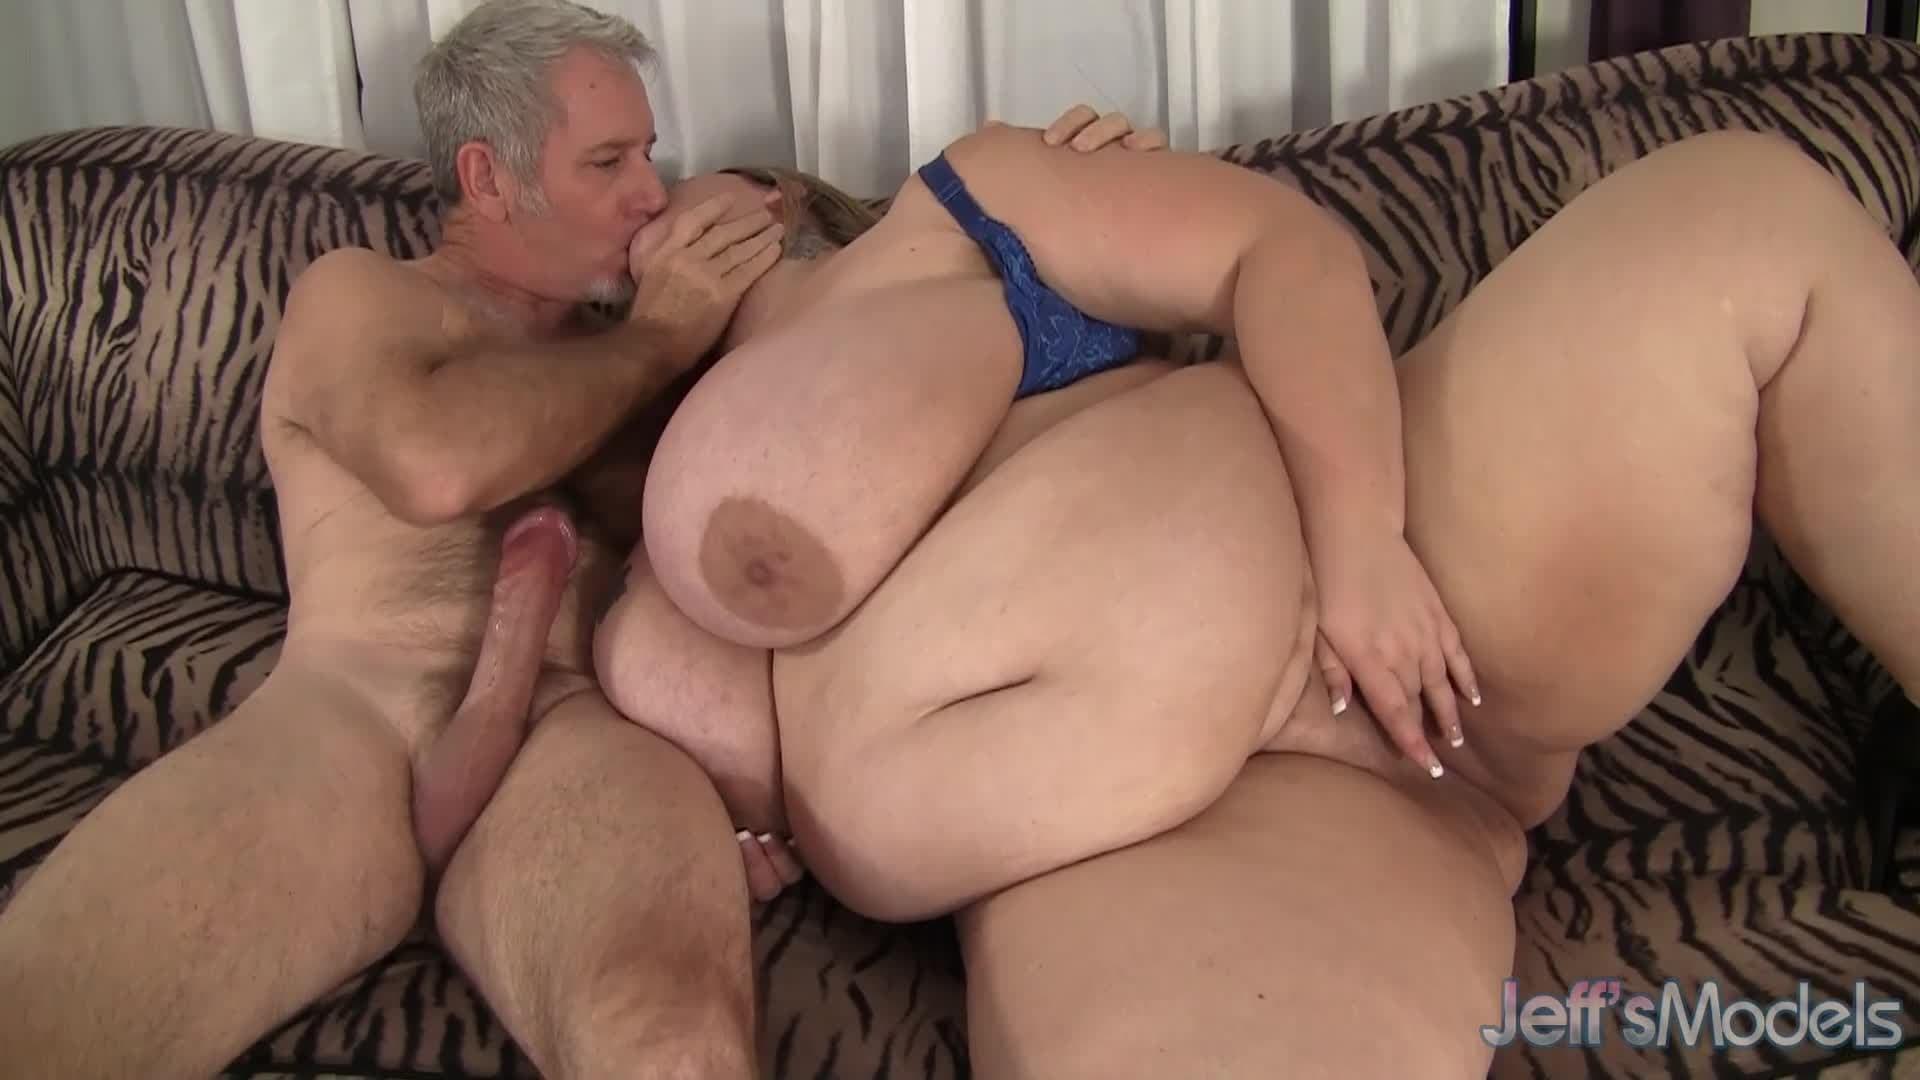 Películas porno viejos serviporno Mandy Es Una Gorda Que Adora A Los Viejos De Serviporno Viejasfollando